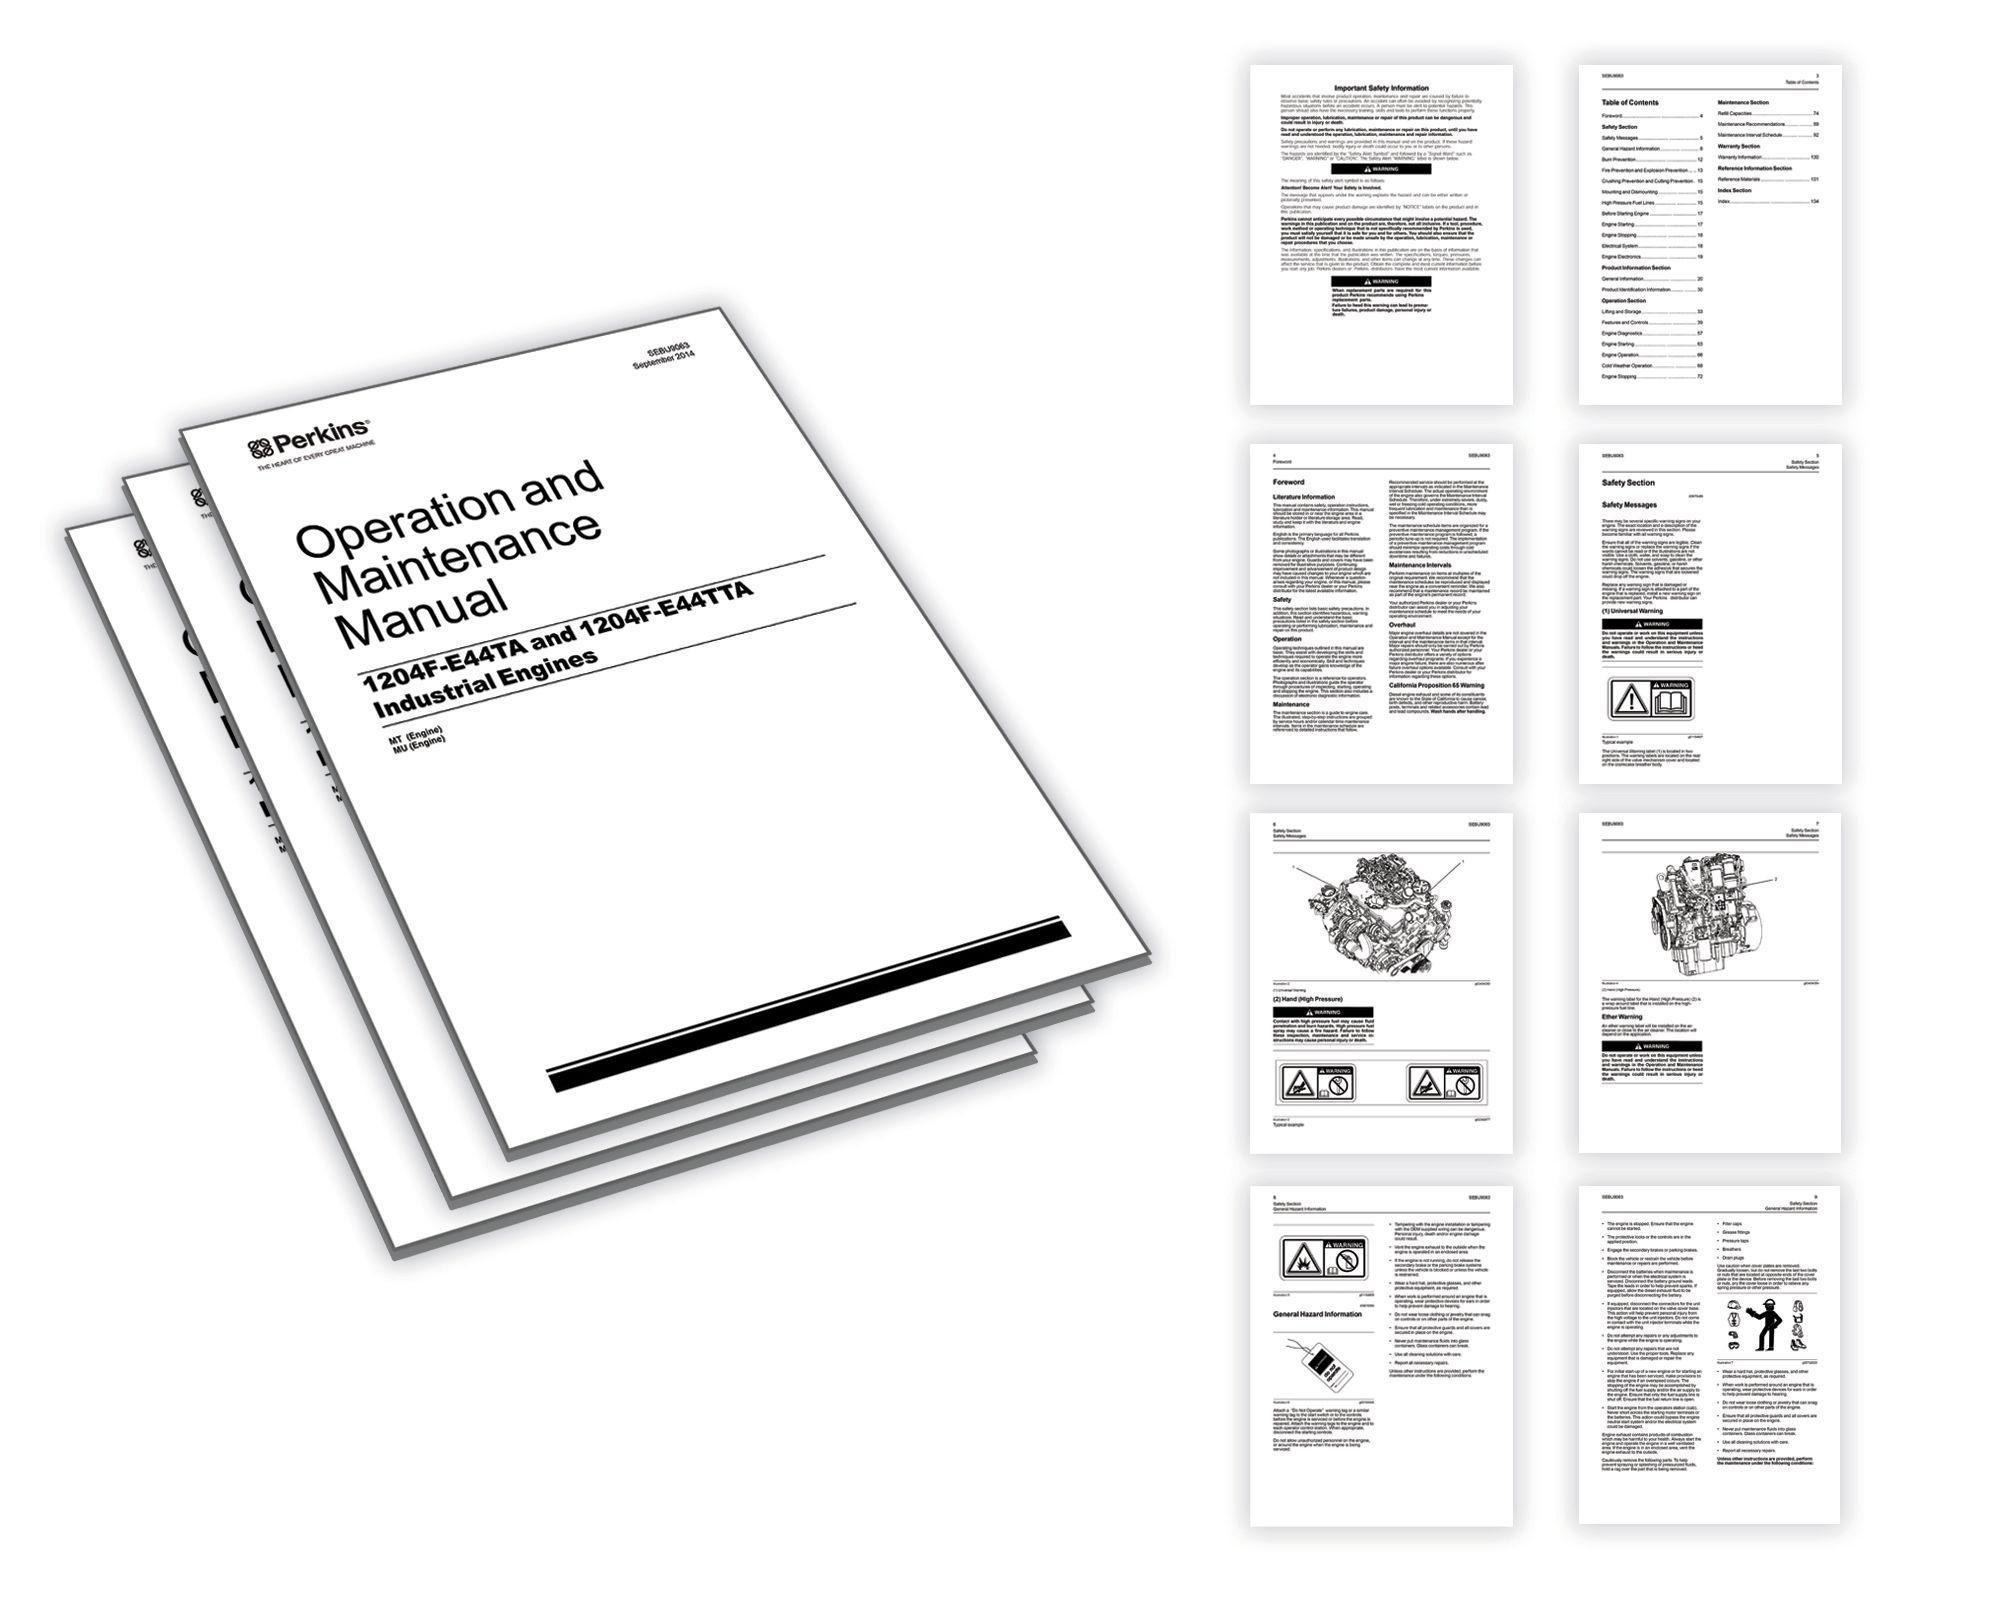 操作和保养手册